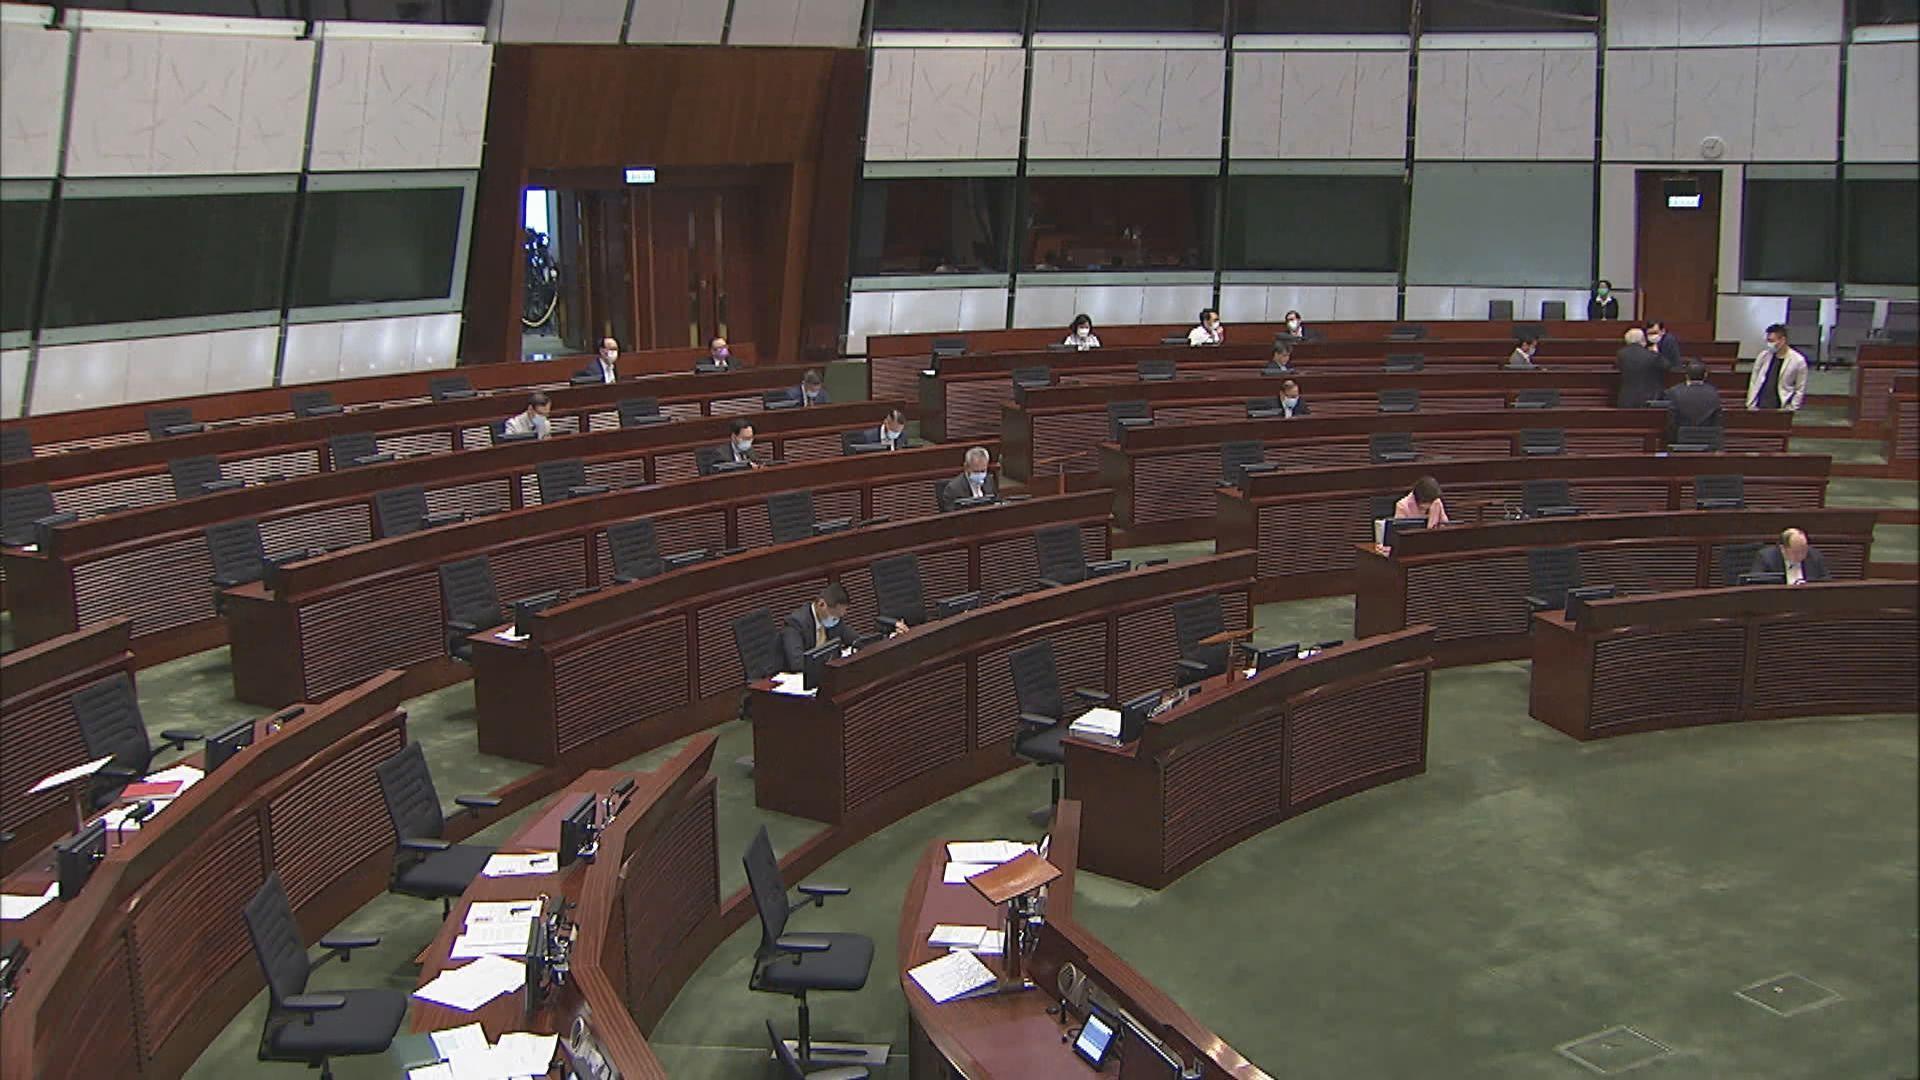 立法會近半時間點人數 梁君彥決定劃線審議